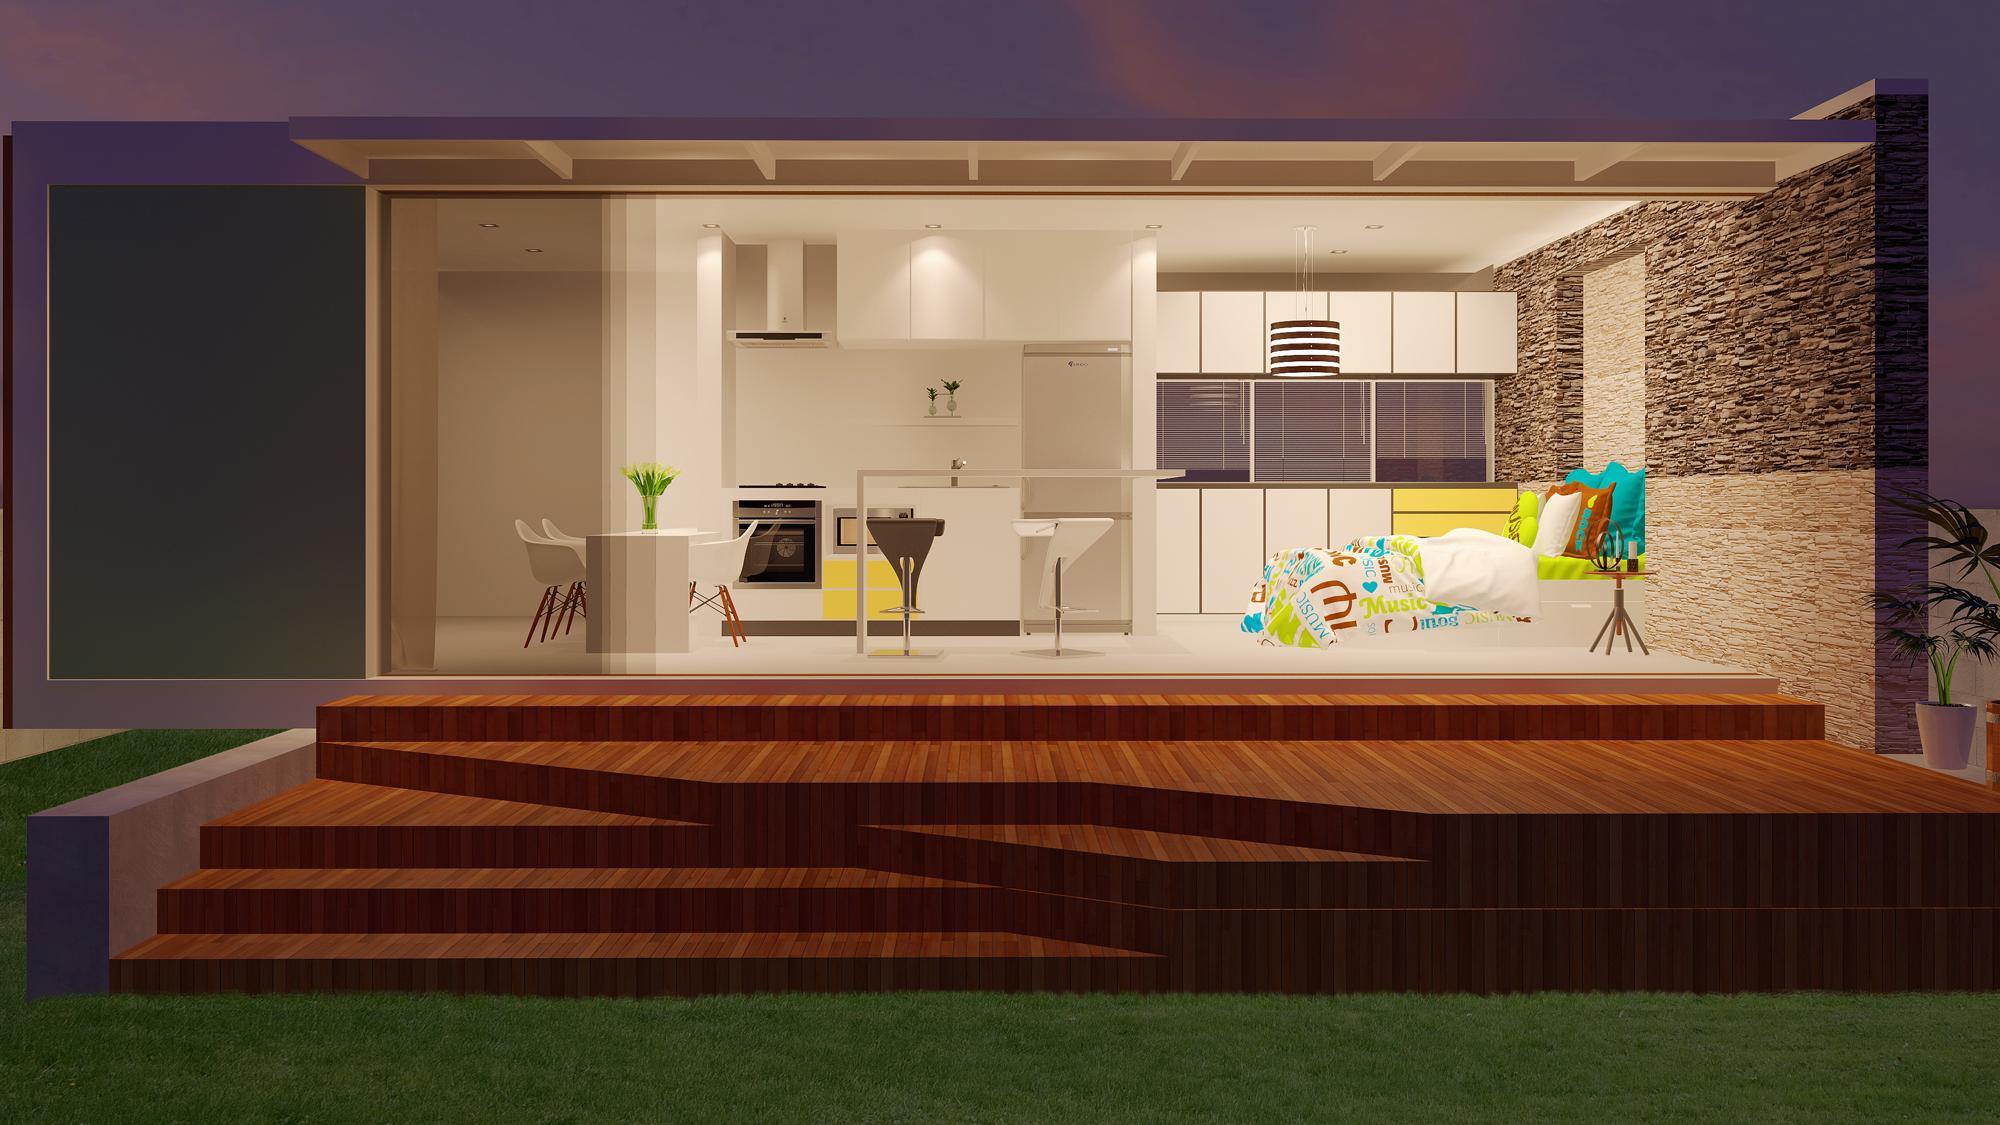 maison blanche | Freelancers 3D